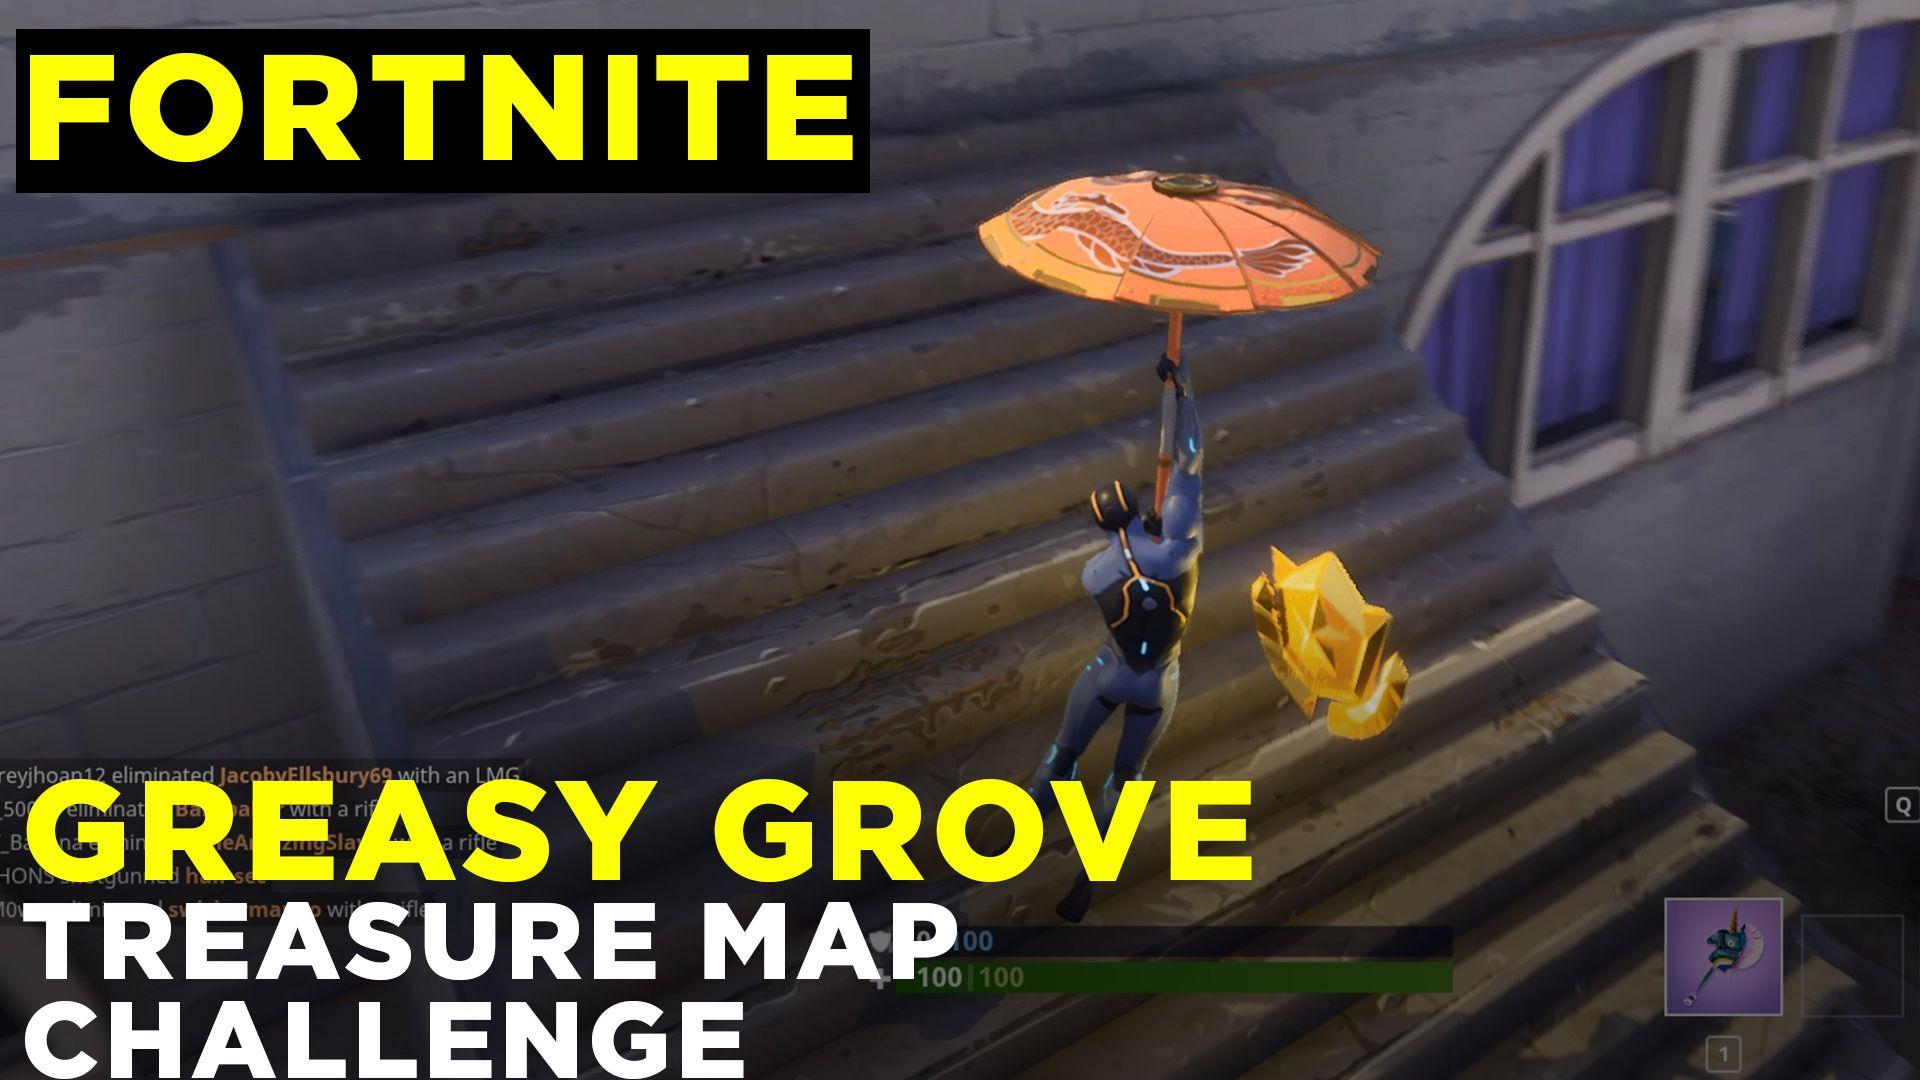 follow the treasure map found in greasy grove fortnite season 4 challenge guide polygon - greasy groove fortnite